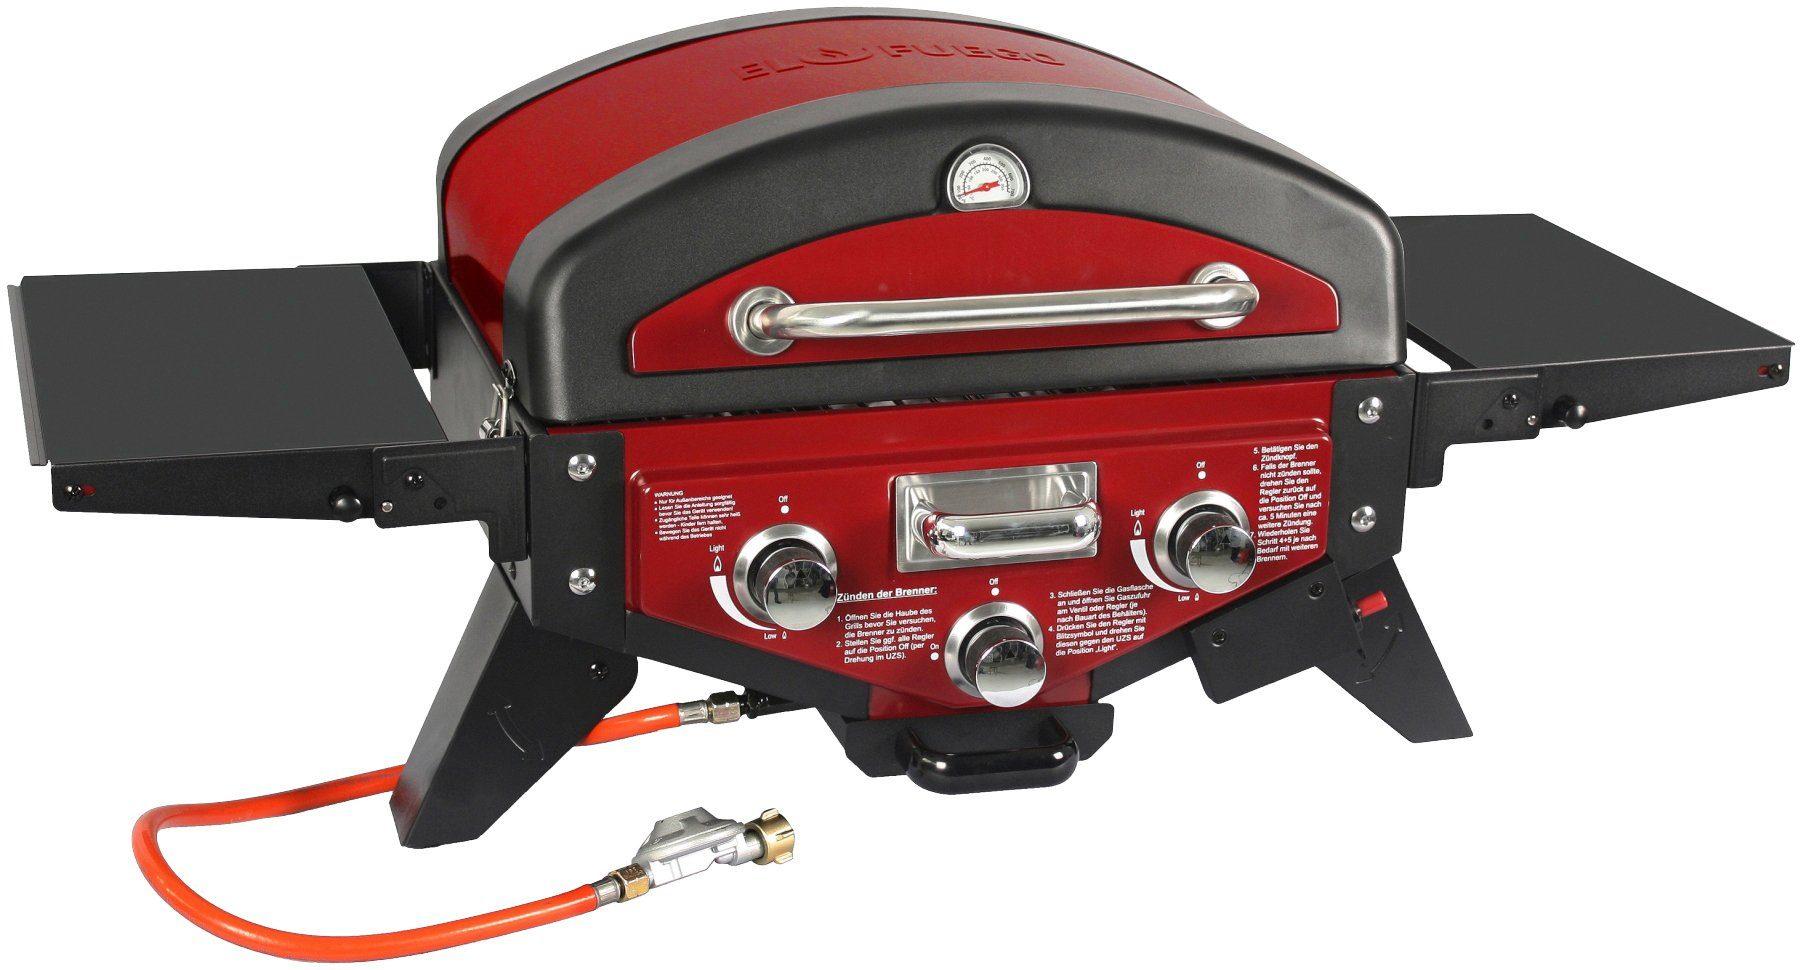 Rösle Gasgrill Sansibar G4 Grillfläche 70 45 Cm : Gasgrill kaufen kleiner gasgrill gasgrillwagen otto